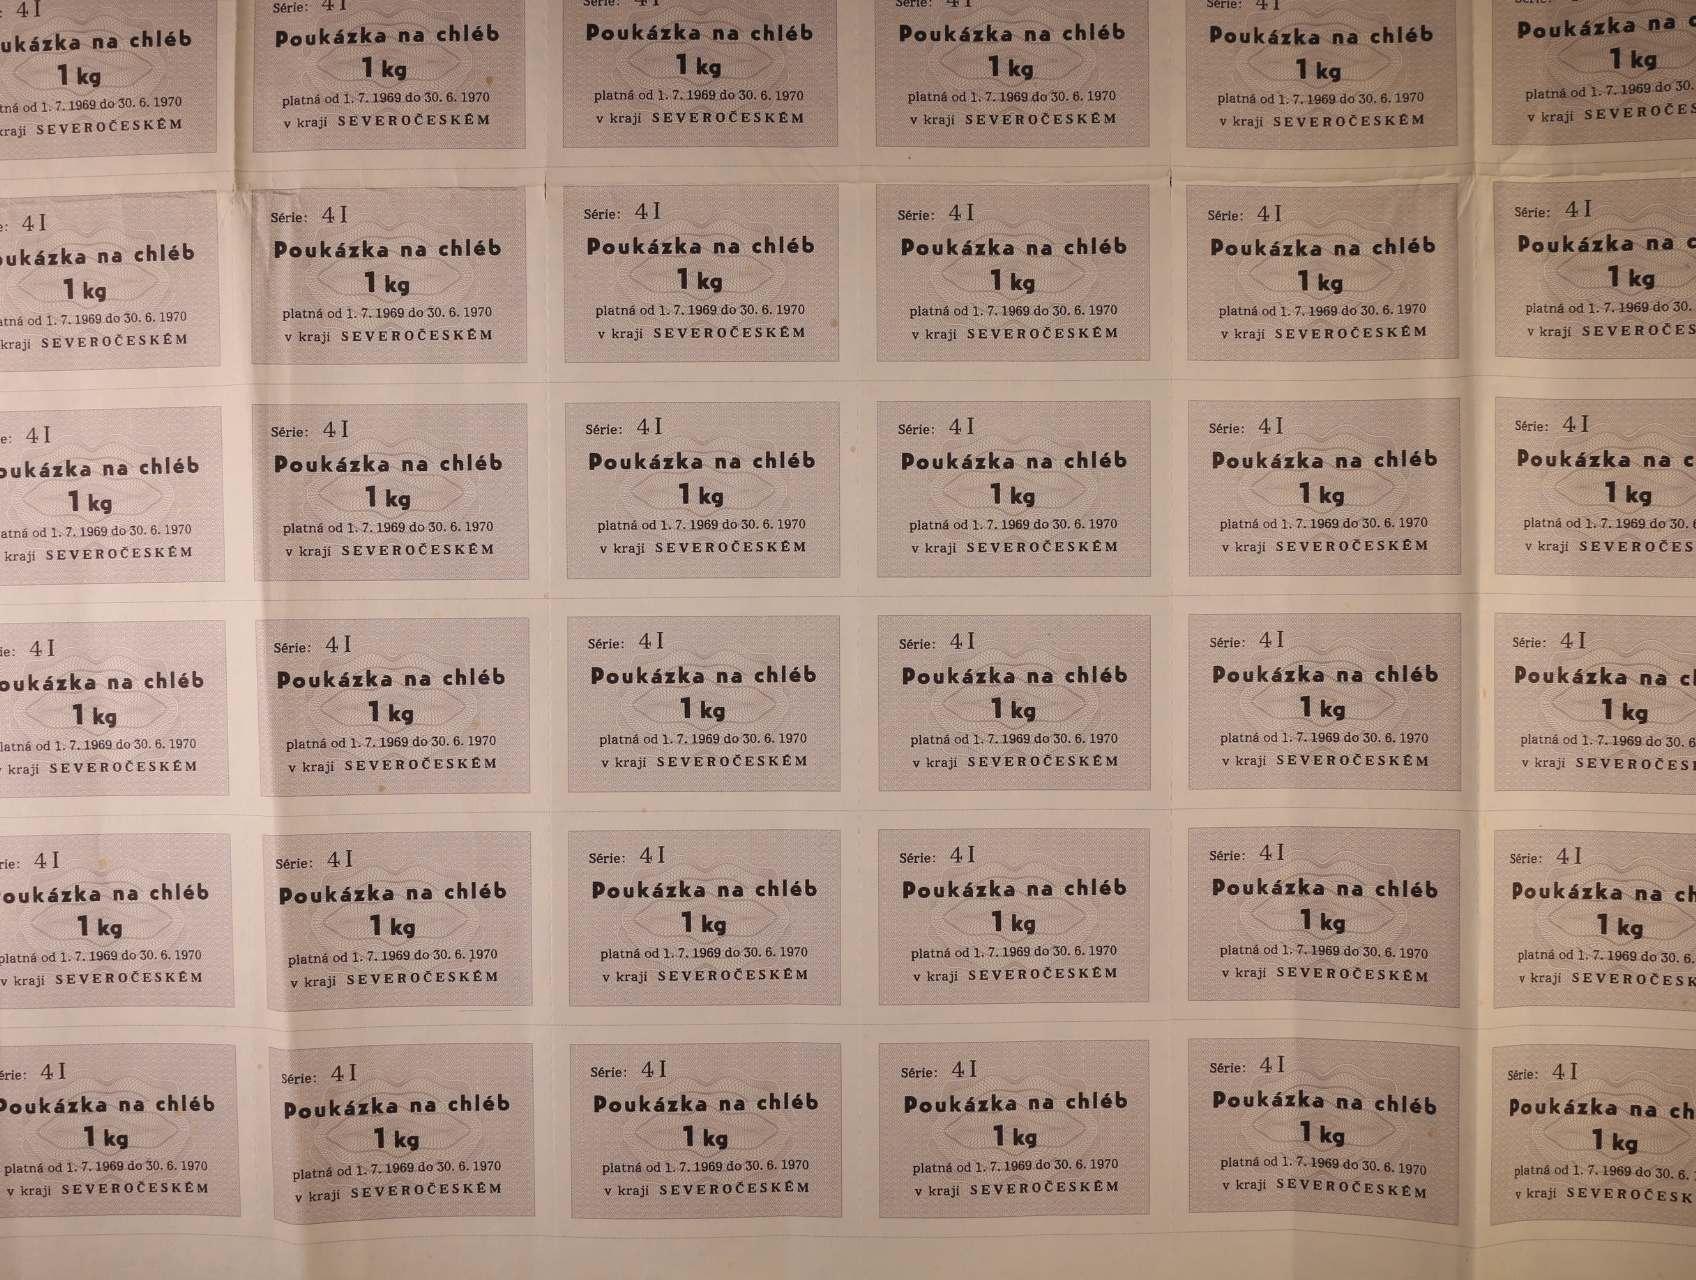 poukázka na chléb 1 kg 1.7.1969 série 4I severočeský kraj, kompletní tiskový 100-kusový arch